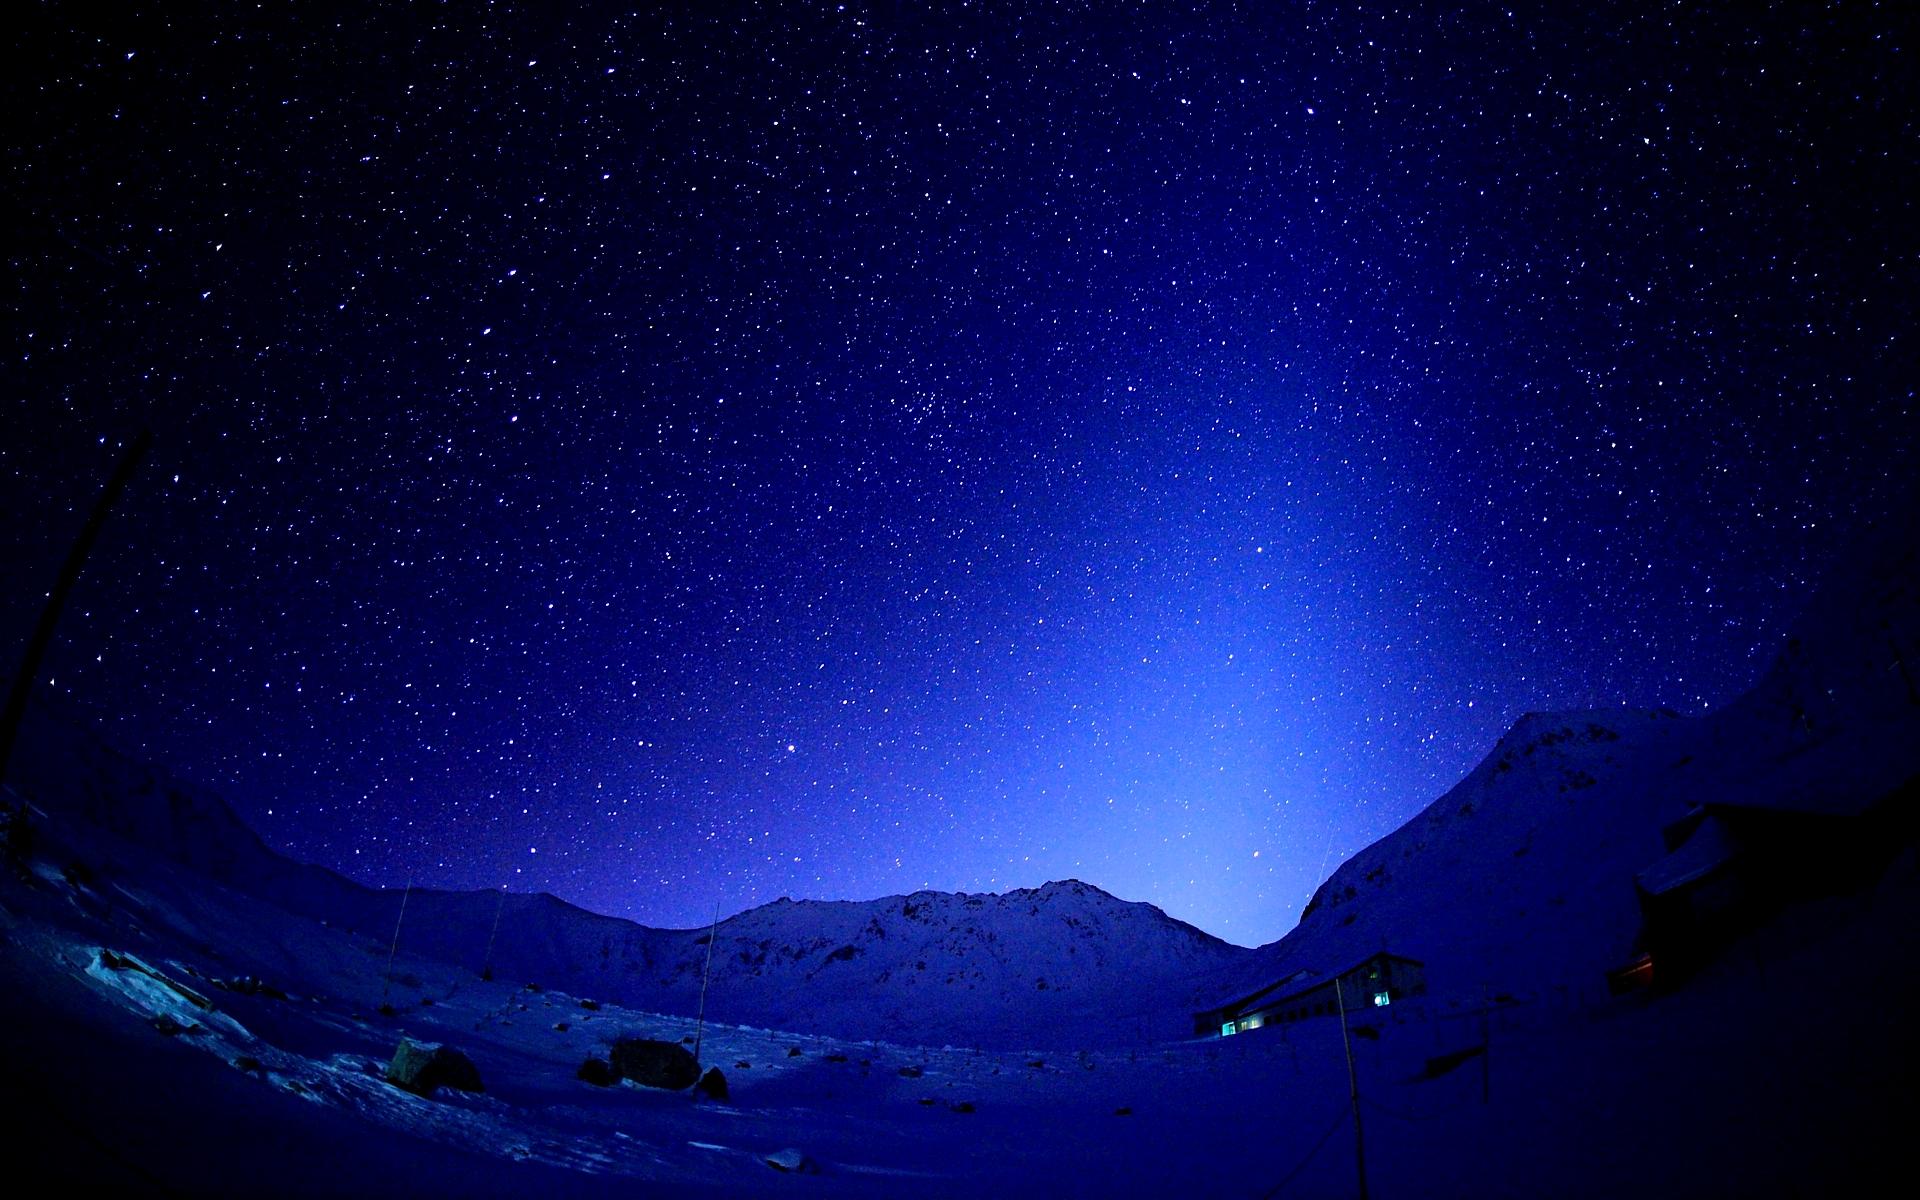 слову, красивое звездное небо картинка на рабочий стол мягкая